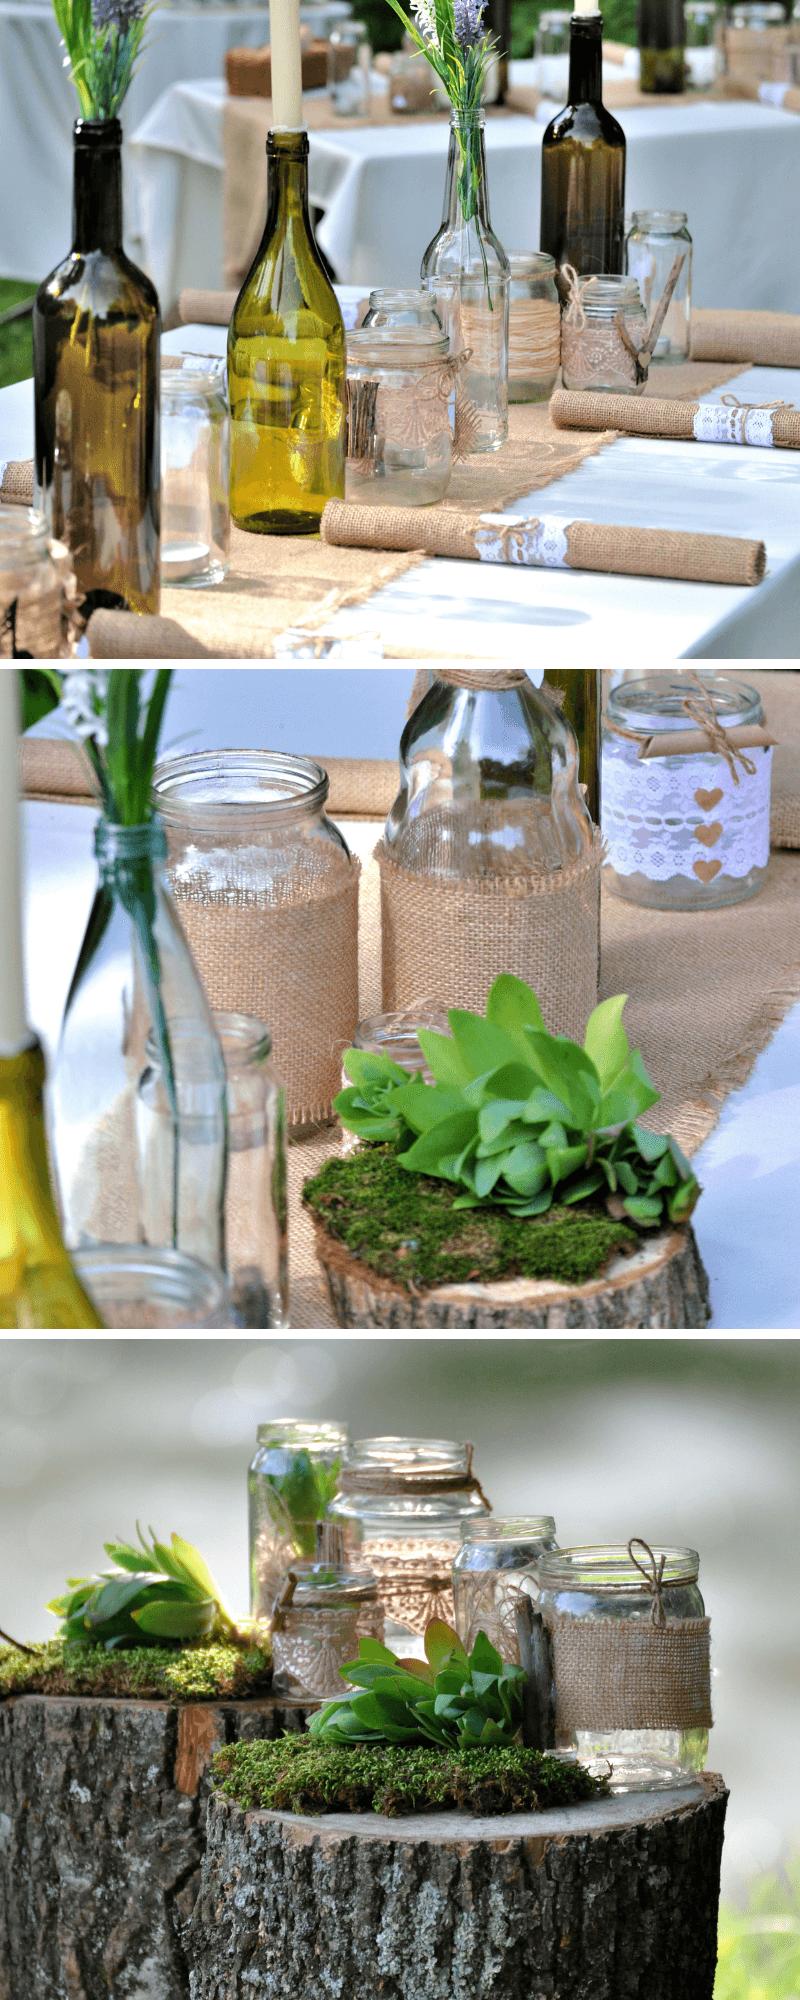 tischdeko hochzeit, tischdeko originell, originelle hochzeitsdeko, tischdekoration hochzeit, hochzeitsdeko ausgefallen, tischdeko glasflaschen, hochzeitsdeko minimalistisch